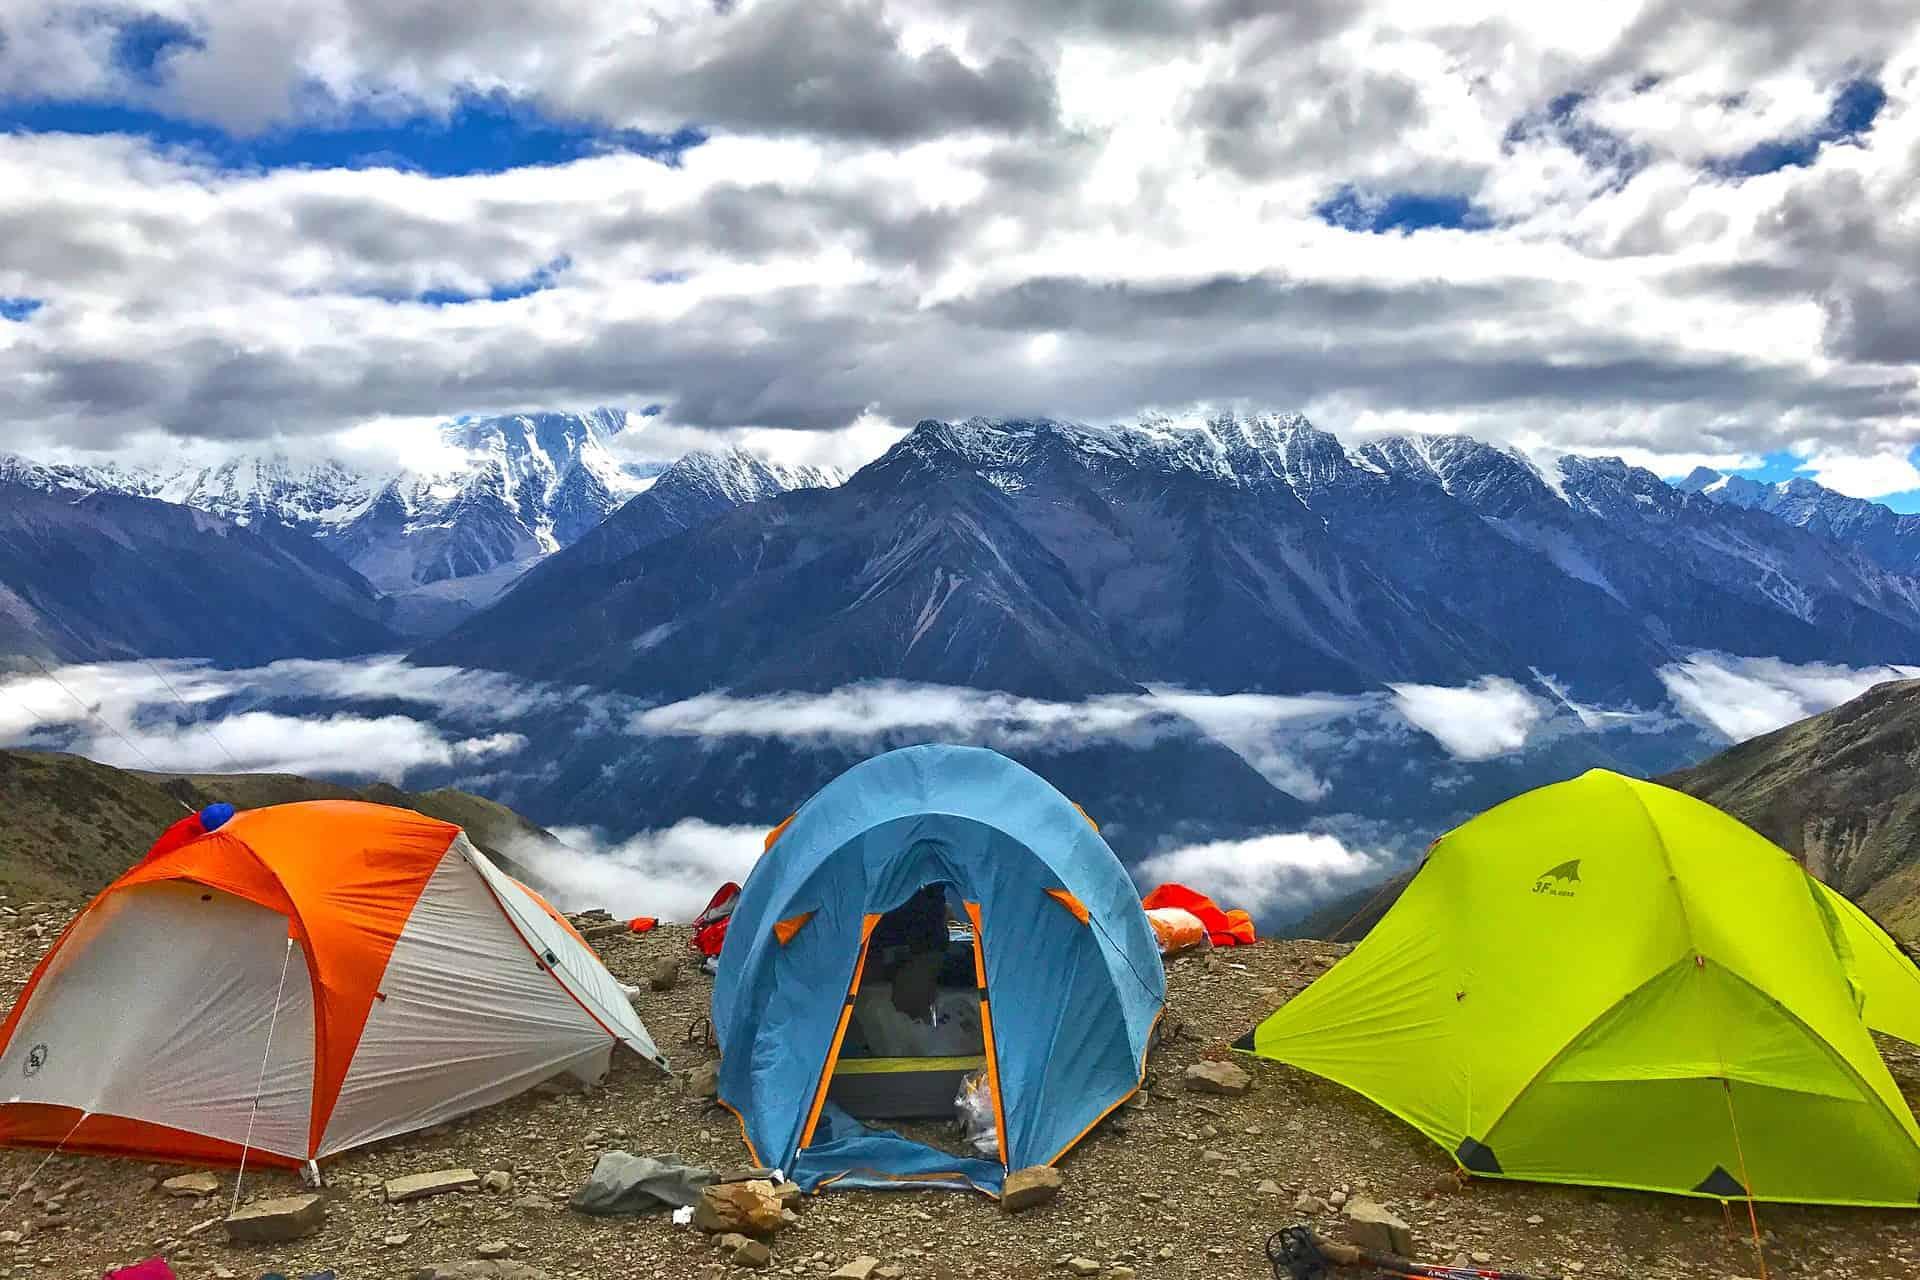 Bedste telt til 4 personer- 4 personers telt